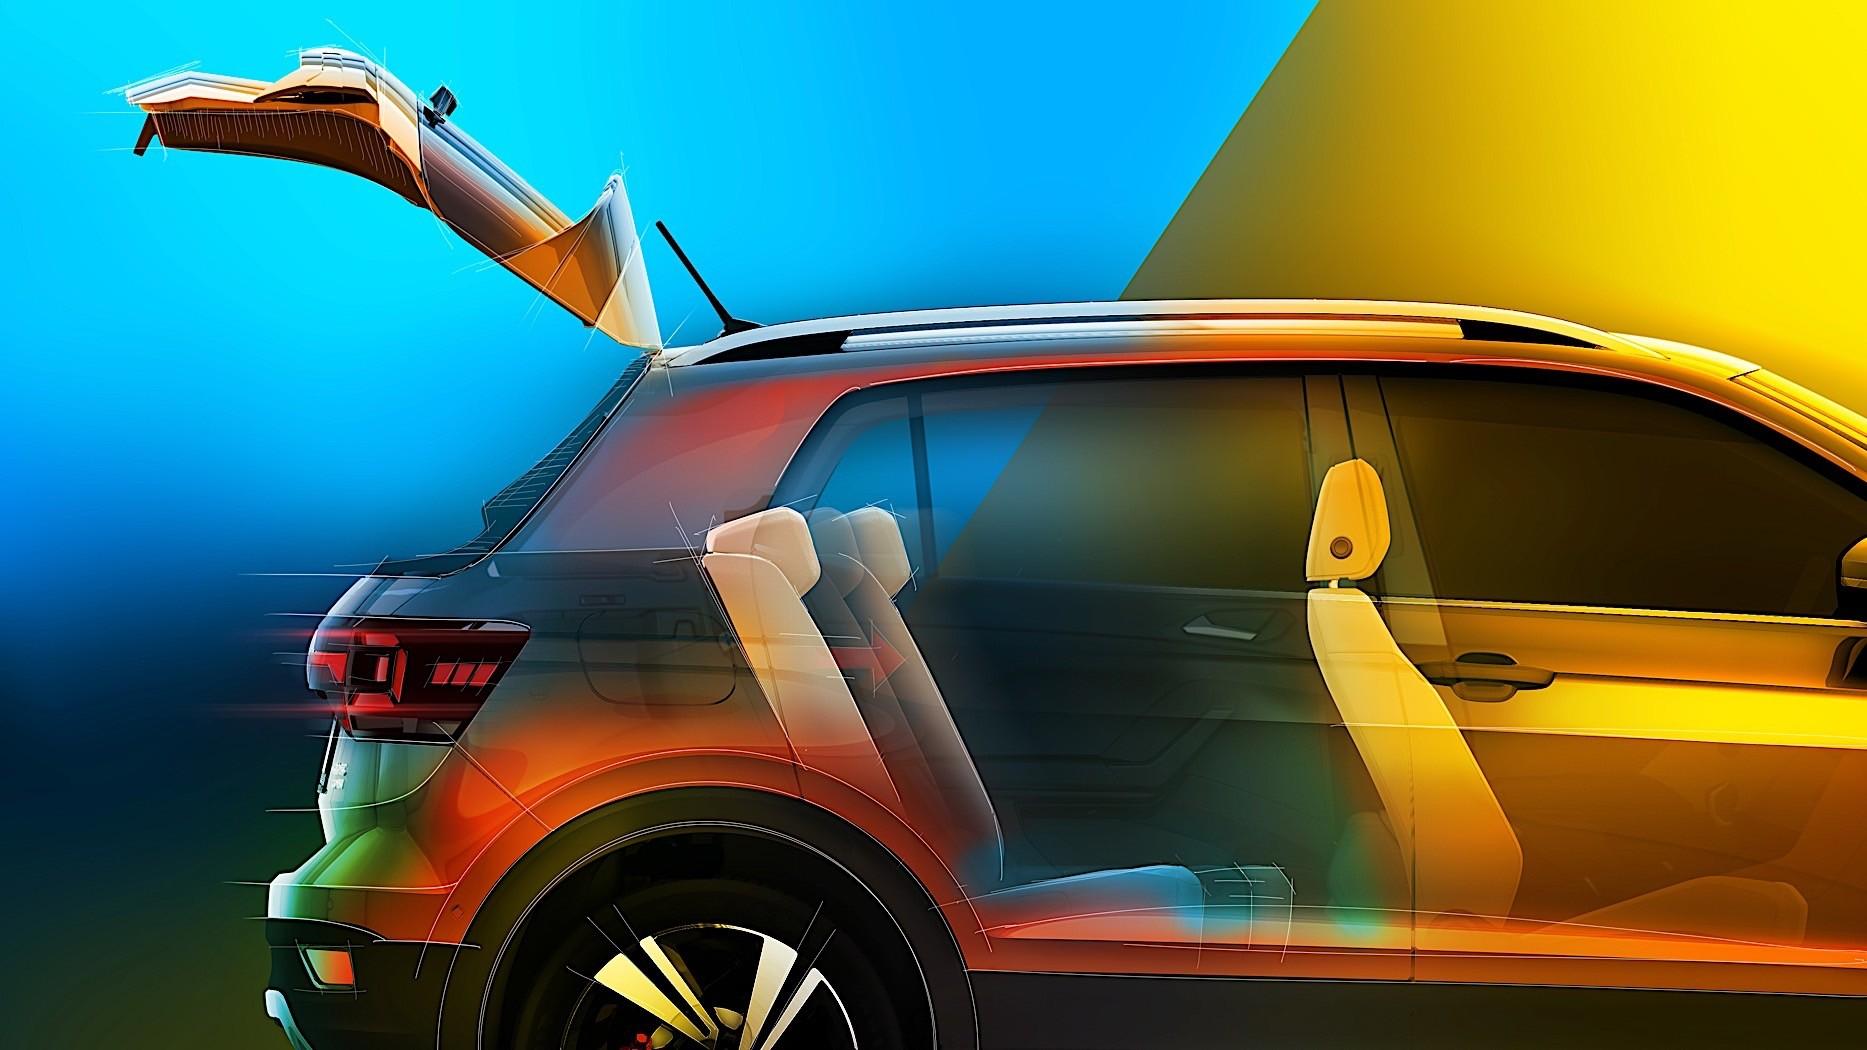 Volkswagen T Cross Launch Date In India >> Ice Hockey Players Test Volkswagen T-Cross Cargo Volume - autoevolution